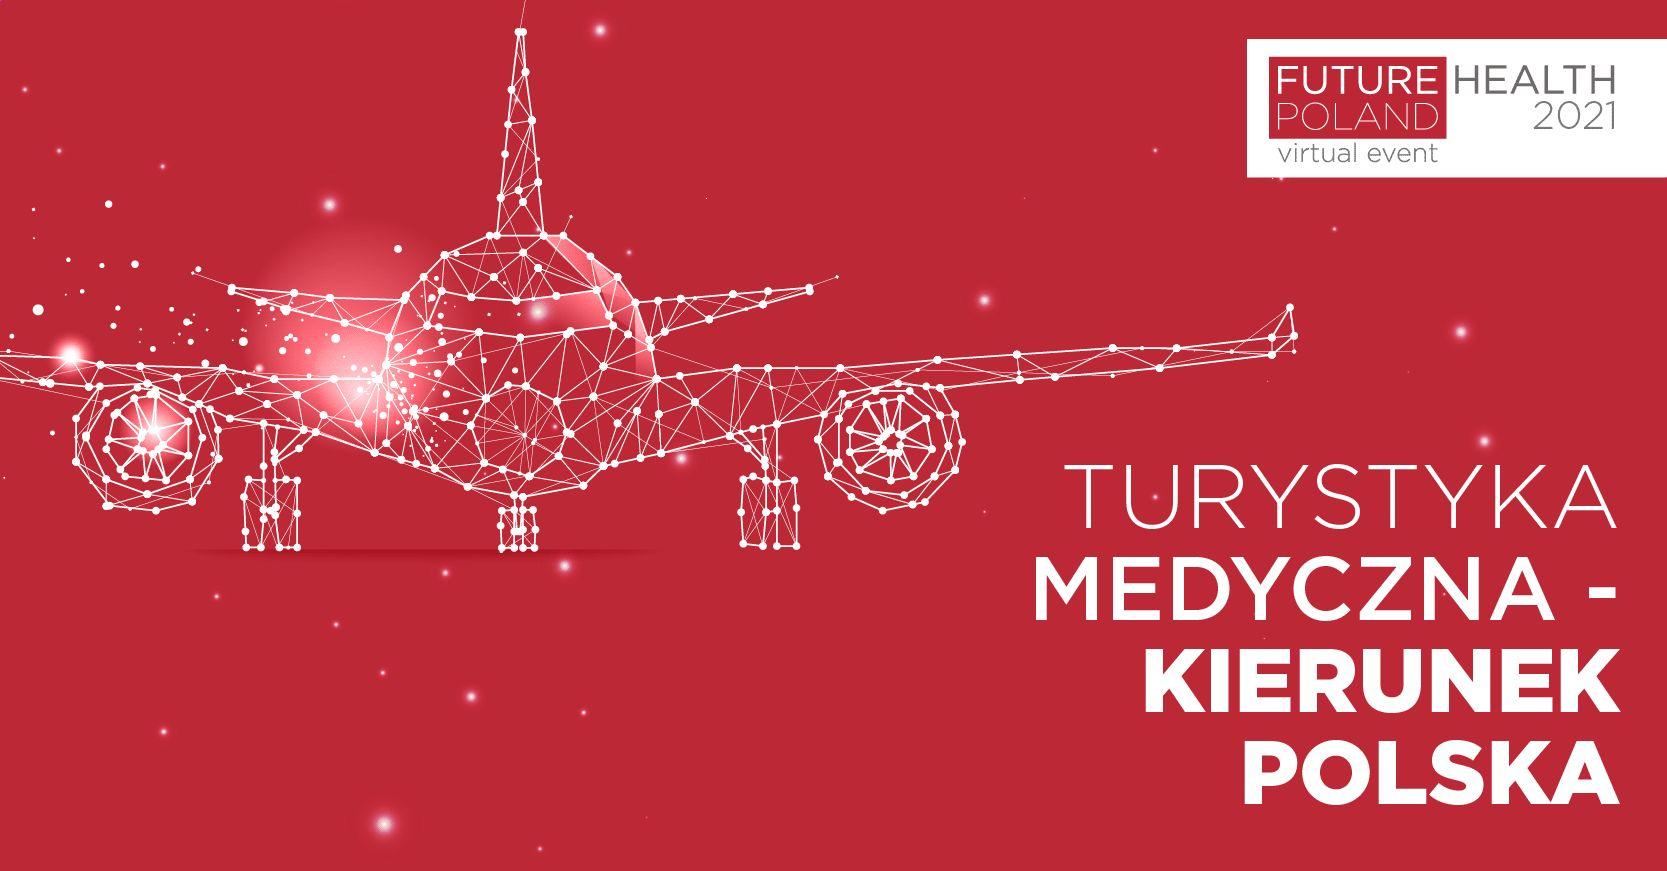 Partnerstwo z Future Health Poland 2021 – targami turystyki medycznej